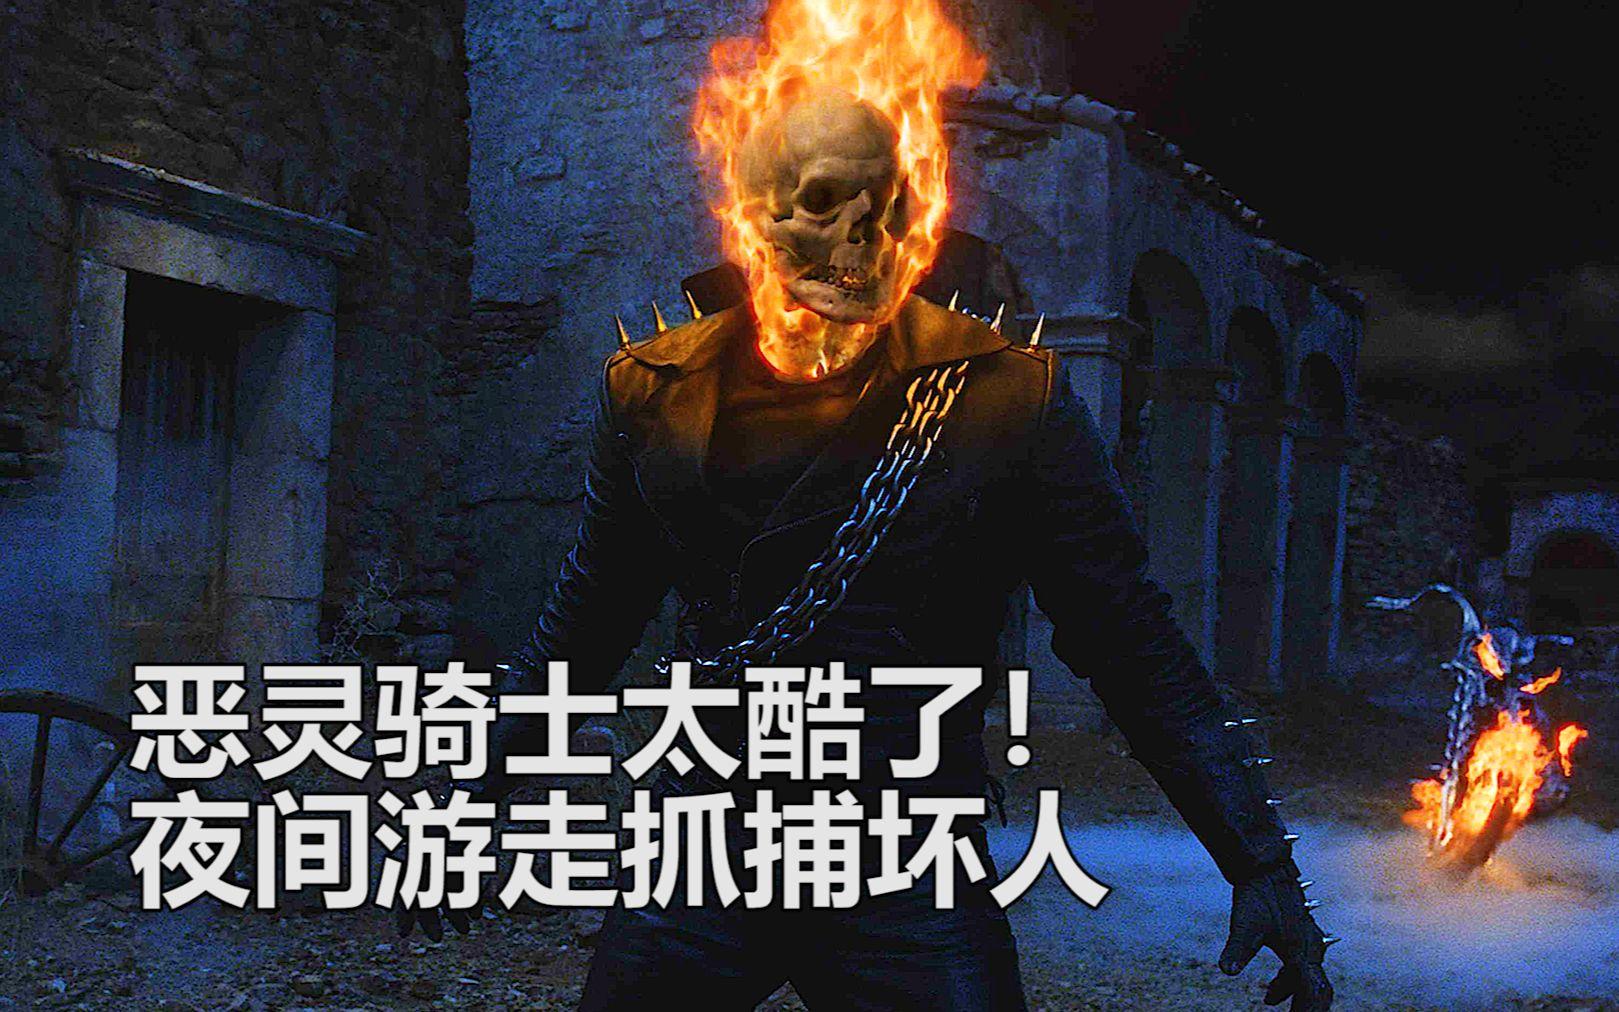 恶灵骑士太帅了,专门夜间抓捕坏人。